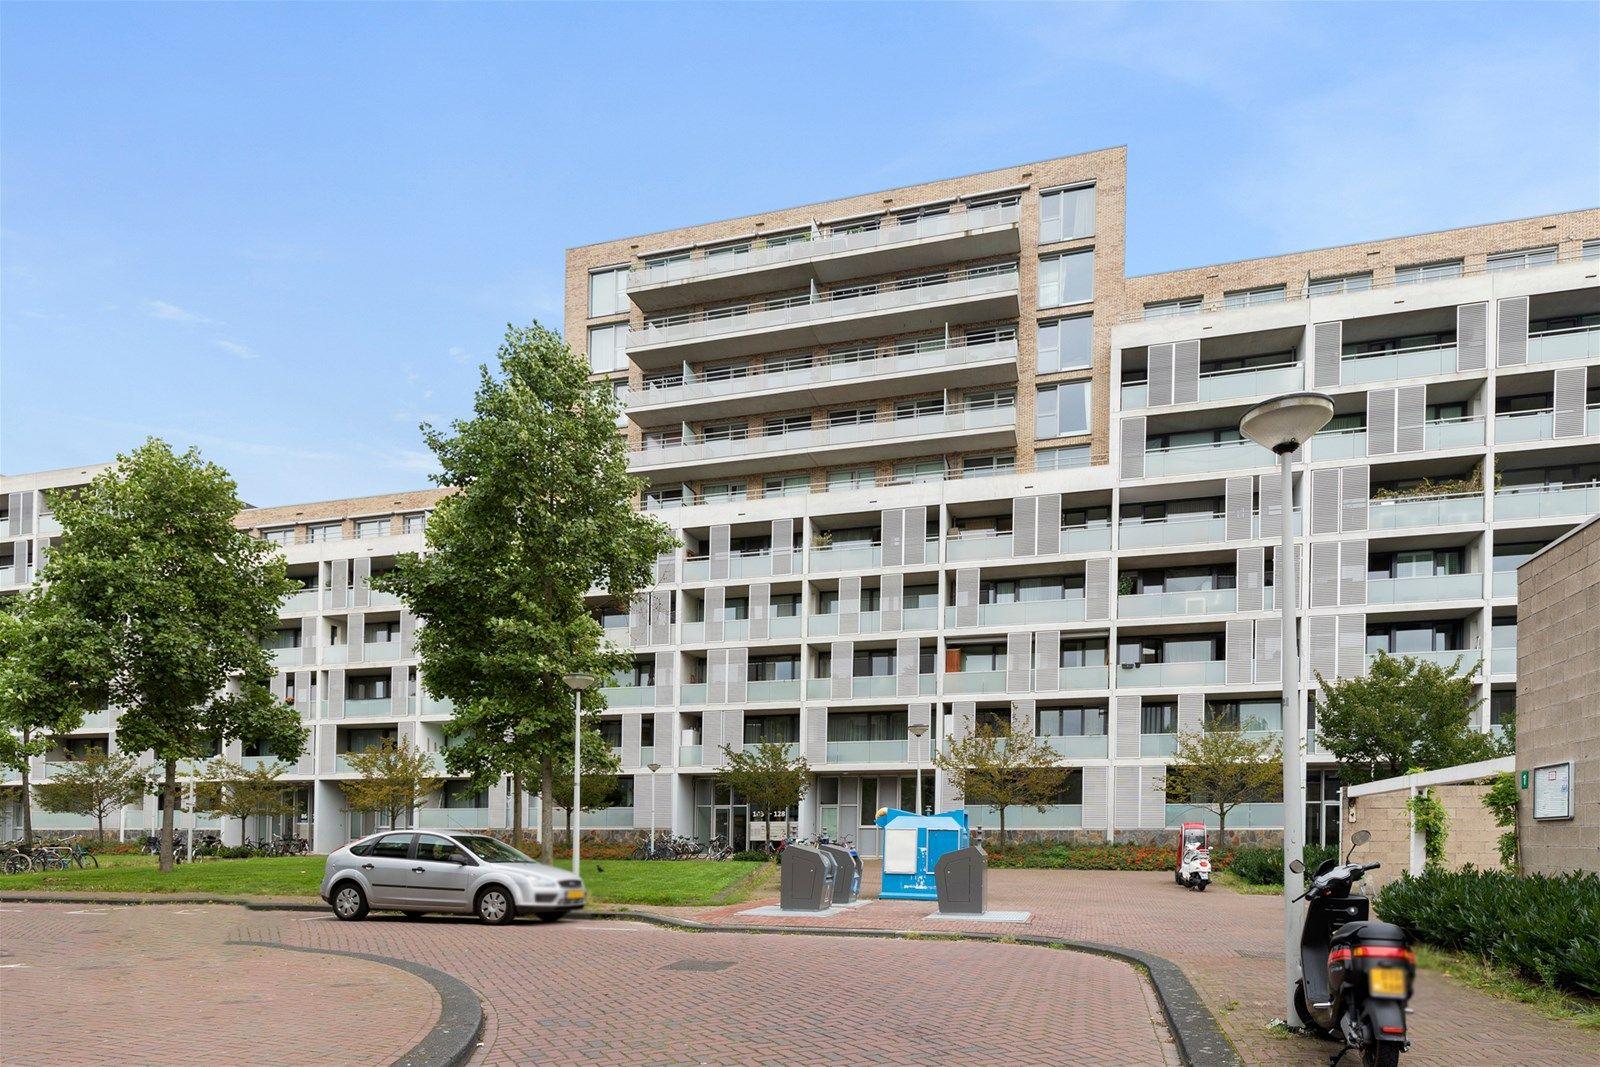 Wijnand Nuijenstraat, Amsterdam